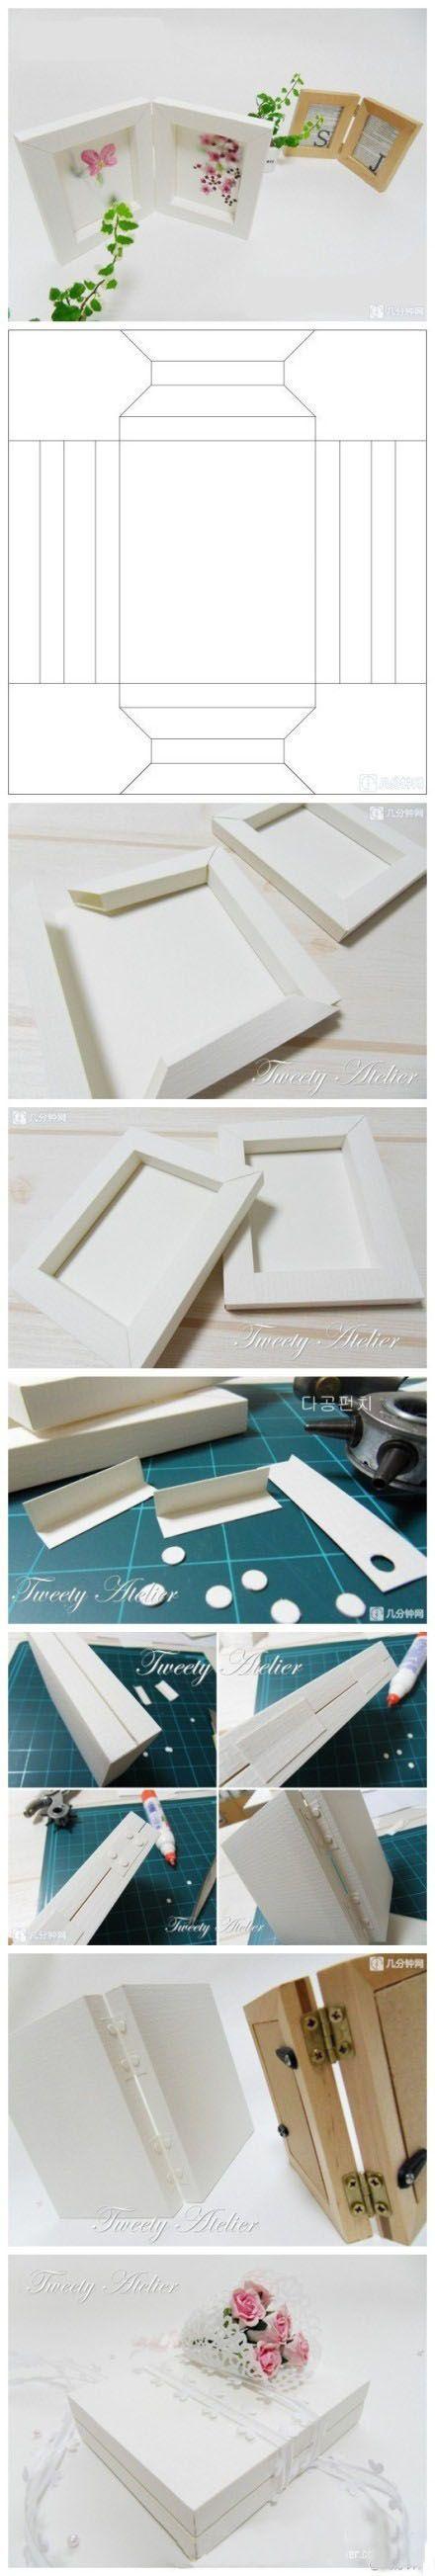 Les 25 meilleures id es de la cat gorie cadre en carton sur pinterest cadres diy cadre en - Fabriquer cadre photo carton ...